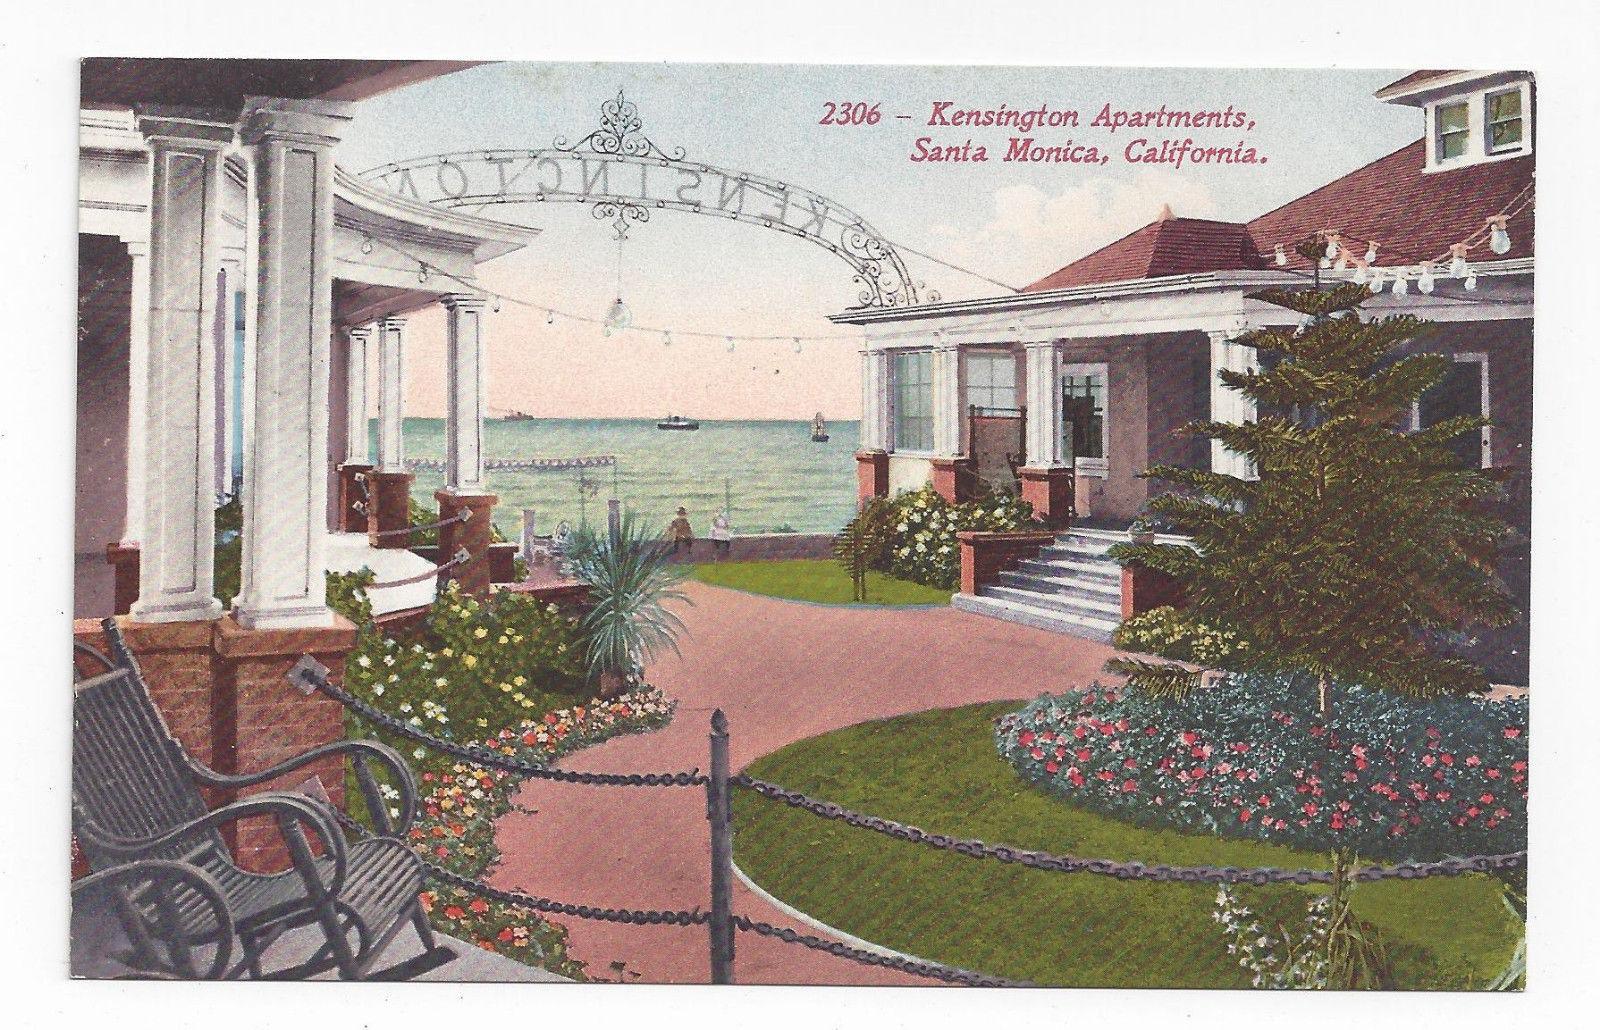 CA Santa Monica Kensington Apartments Vintage Edward H Mitchell 2306 Postcard